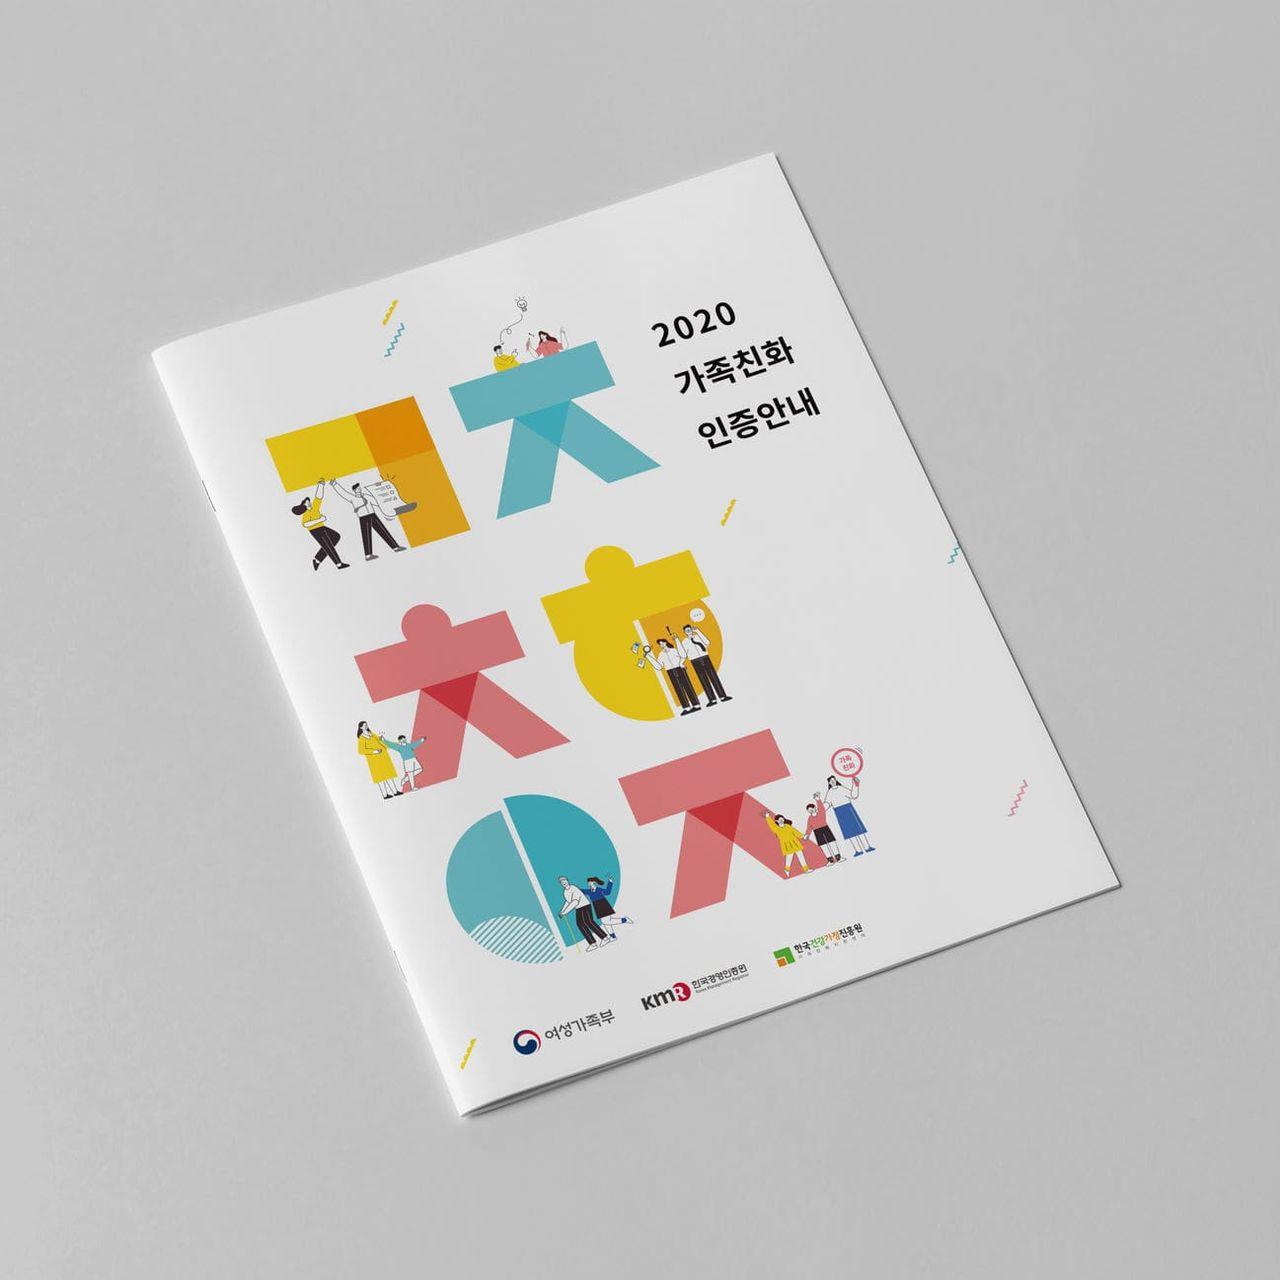 2020 가족친화인증안내 브로슈어 디자인 시안 - 한국경영인증원